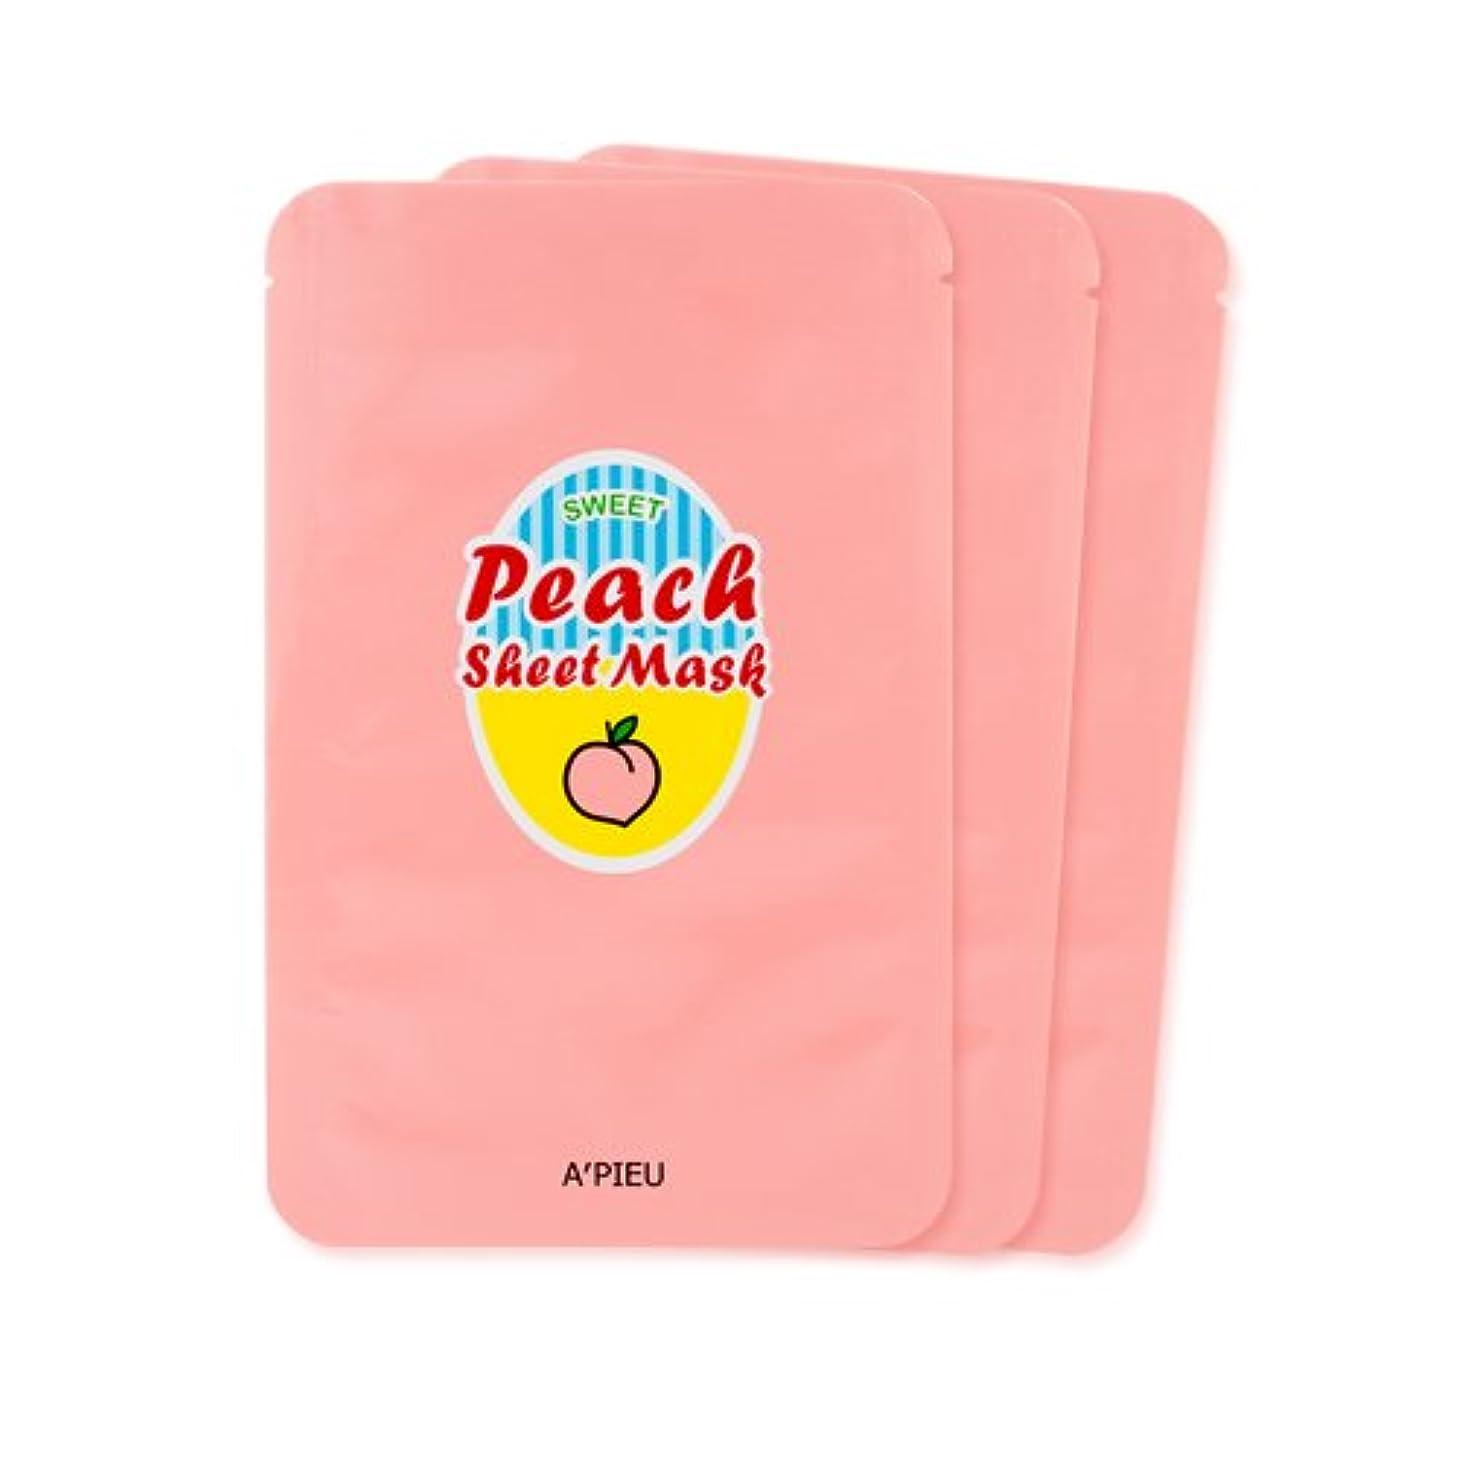 効率的に望まないびっくりするA'PIEU Sweet Peach Sheet Mask 3EA / [オピュ/アピュ] スイートピーチシートマスク3枚 [並行輸入品]